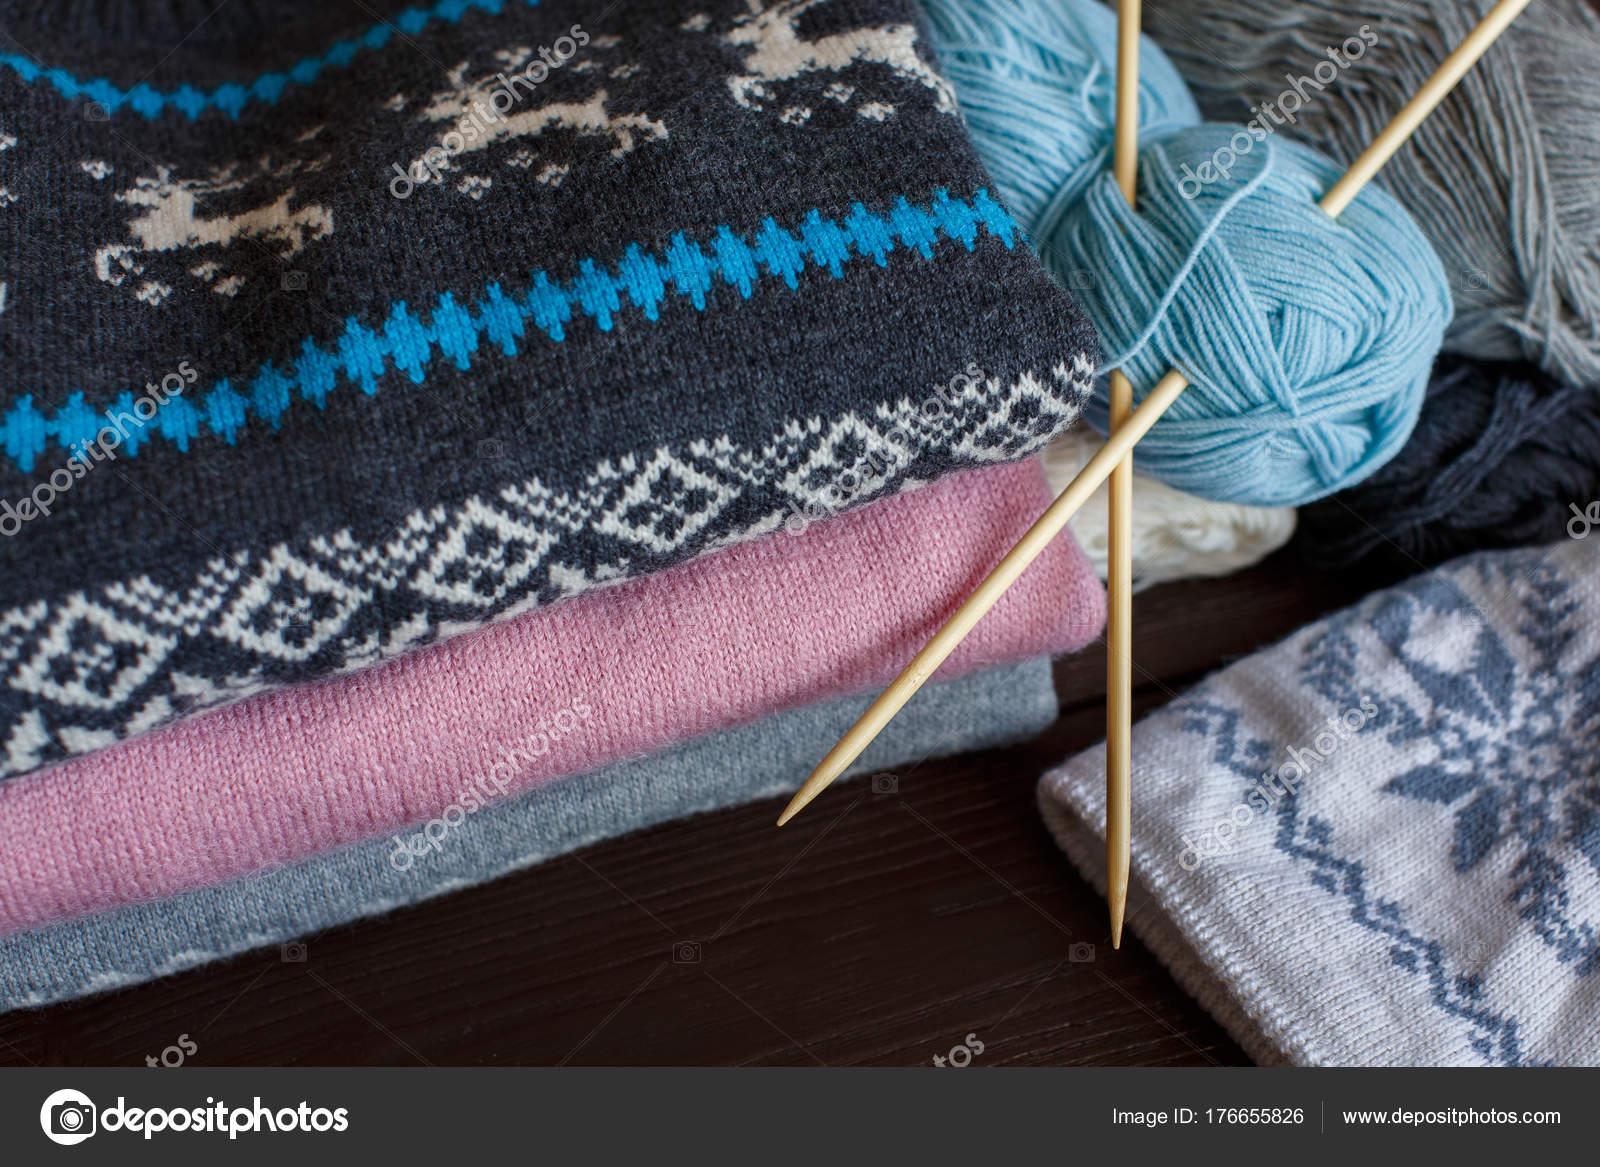 вязание стиль жизни стоковое фото Kkshepel 176655826